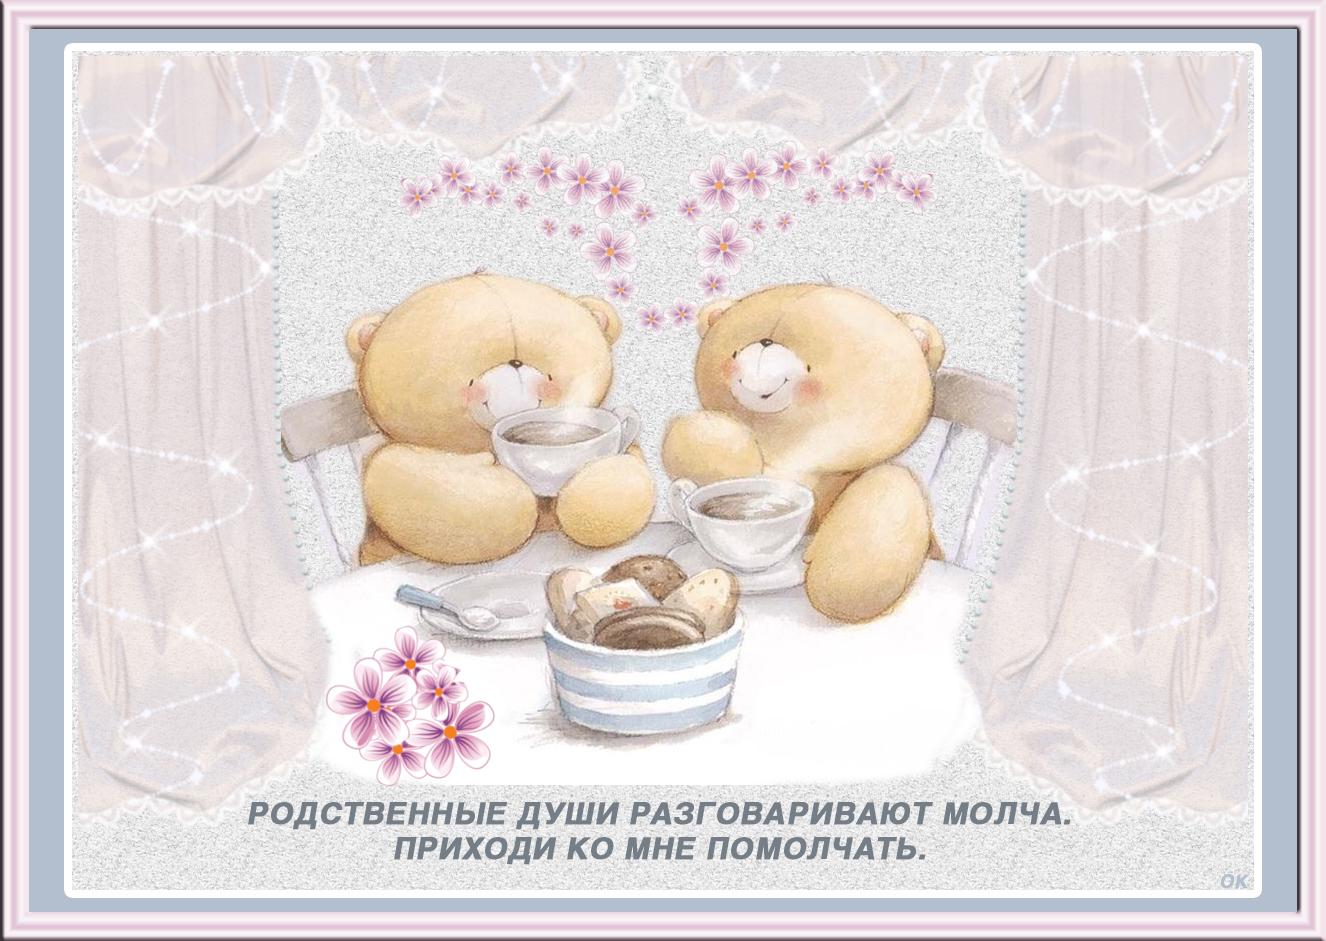 Поздравления февраля, открытка поговорим по душам